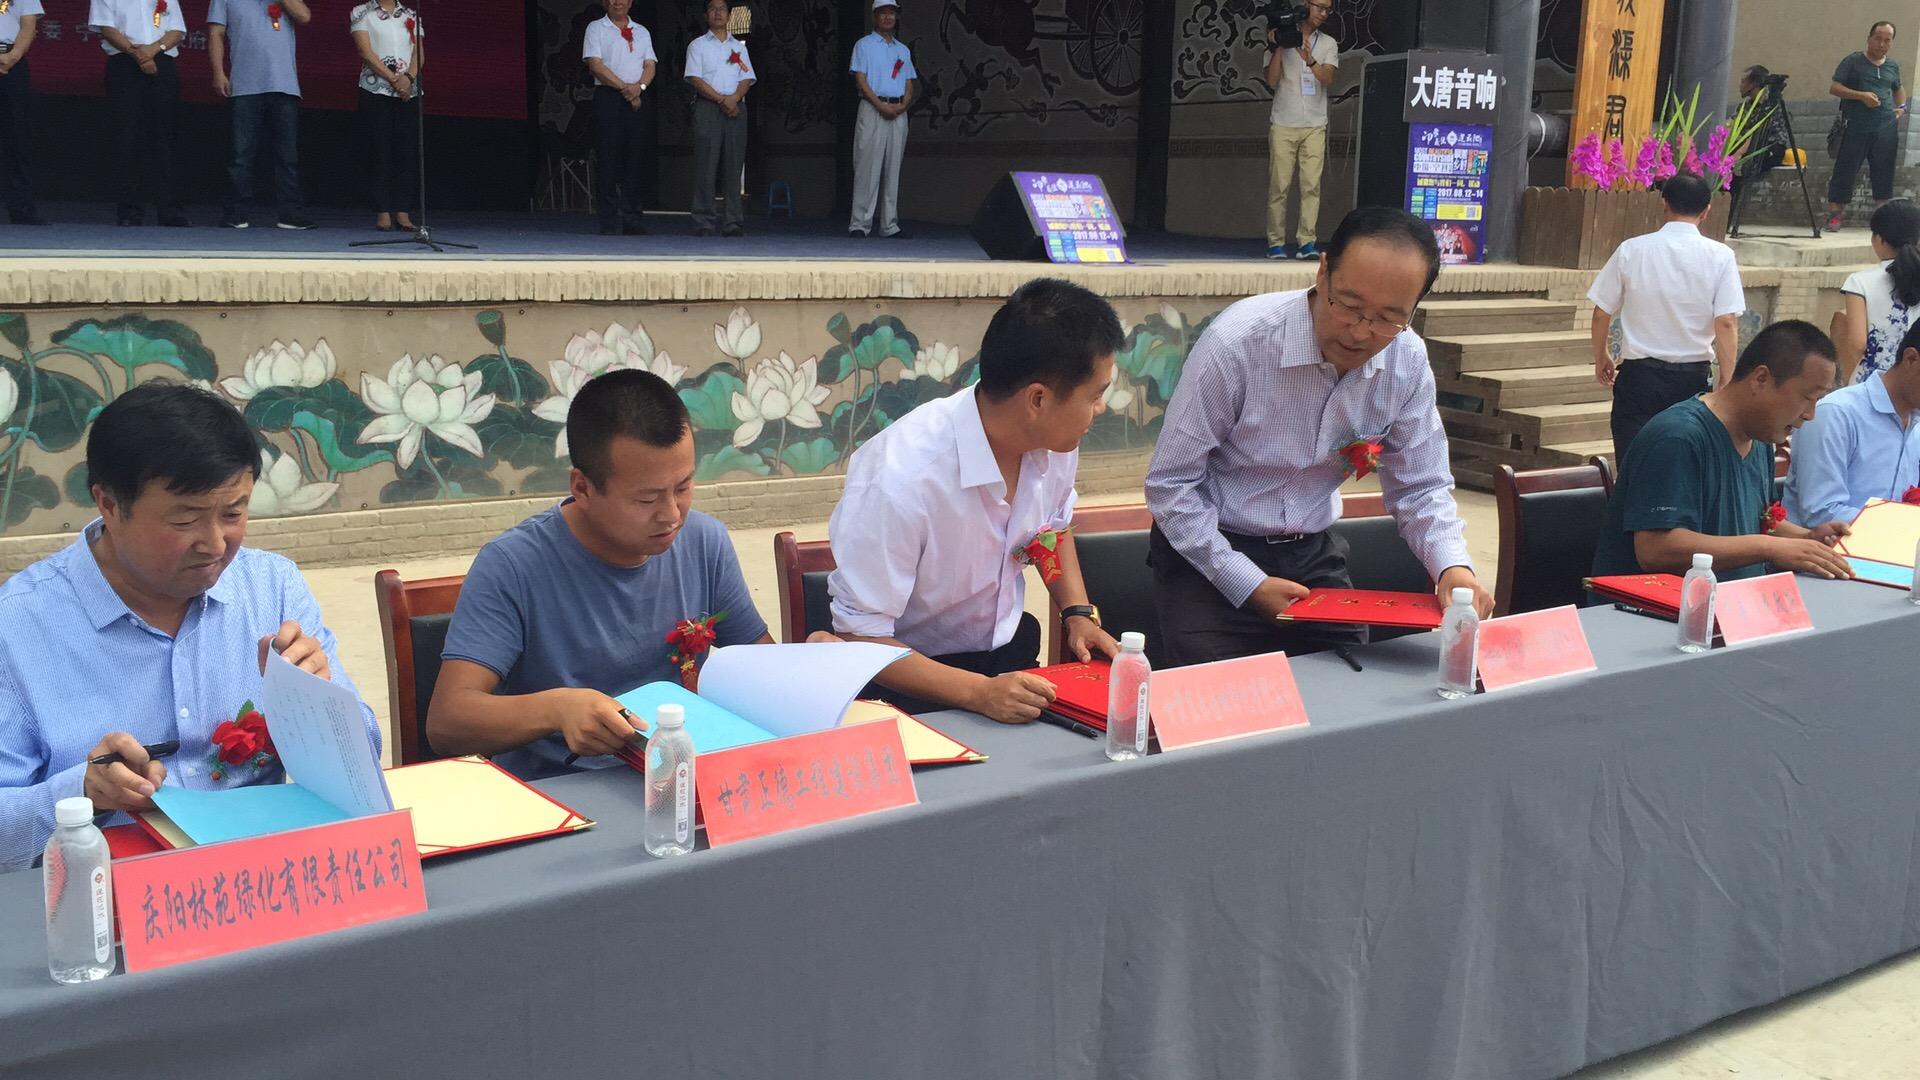 宁县首届最美乡村民谣音乐文化旅游艺术节盛大开幕